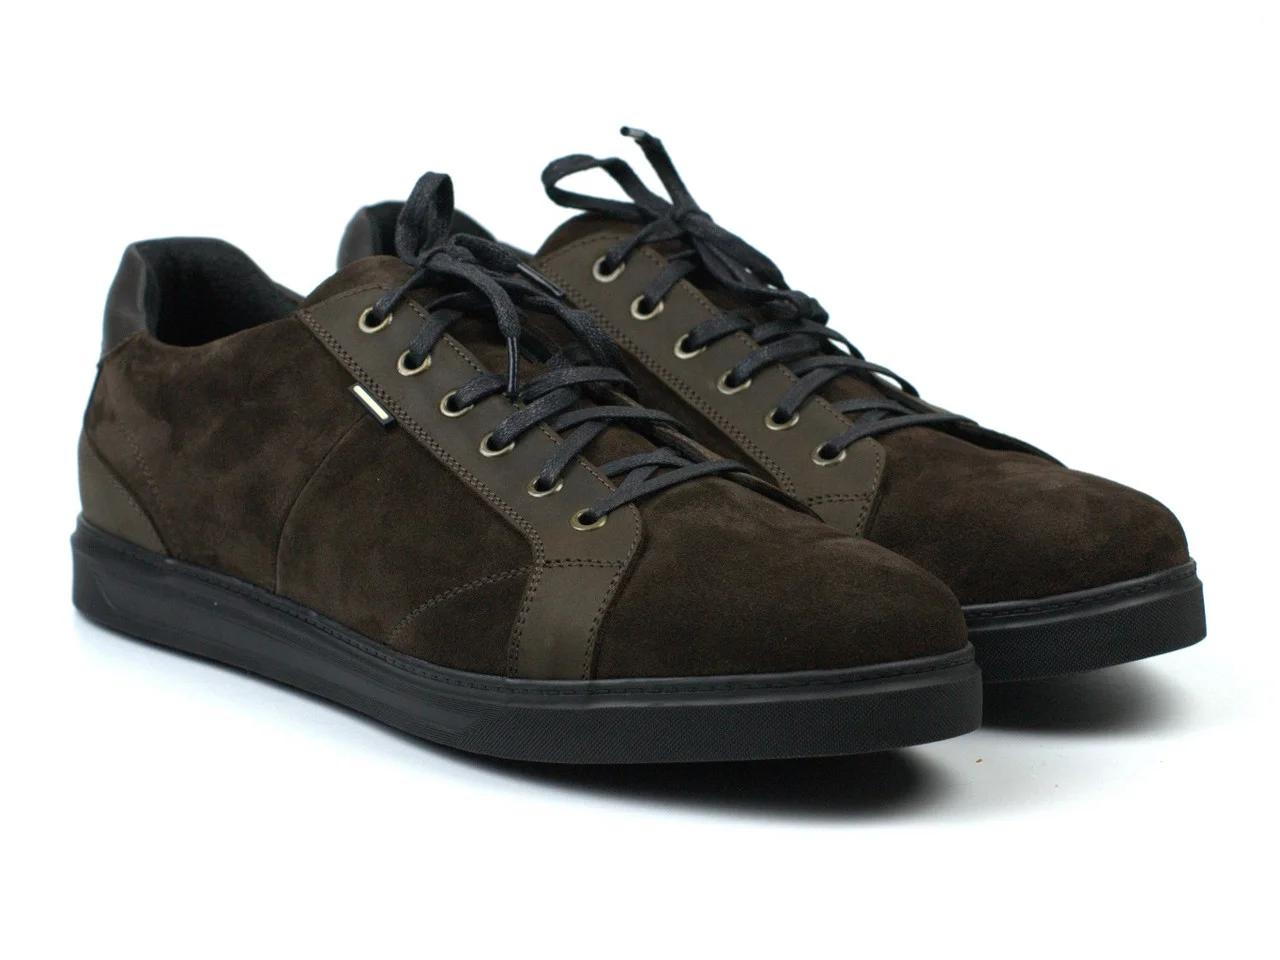 Коричневые кроссовки замшевые кеды мужская обувь больших размеров Rosso Avangard Puran Brown Vel BS Подробнее: